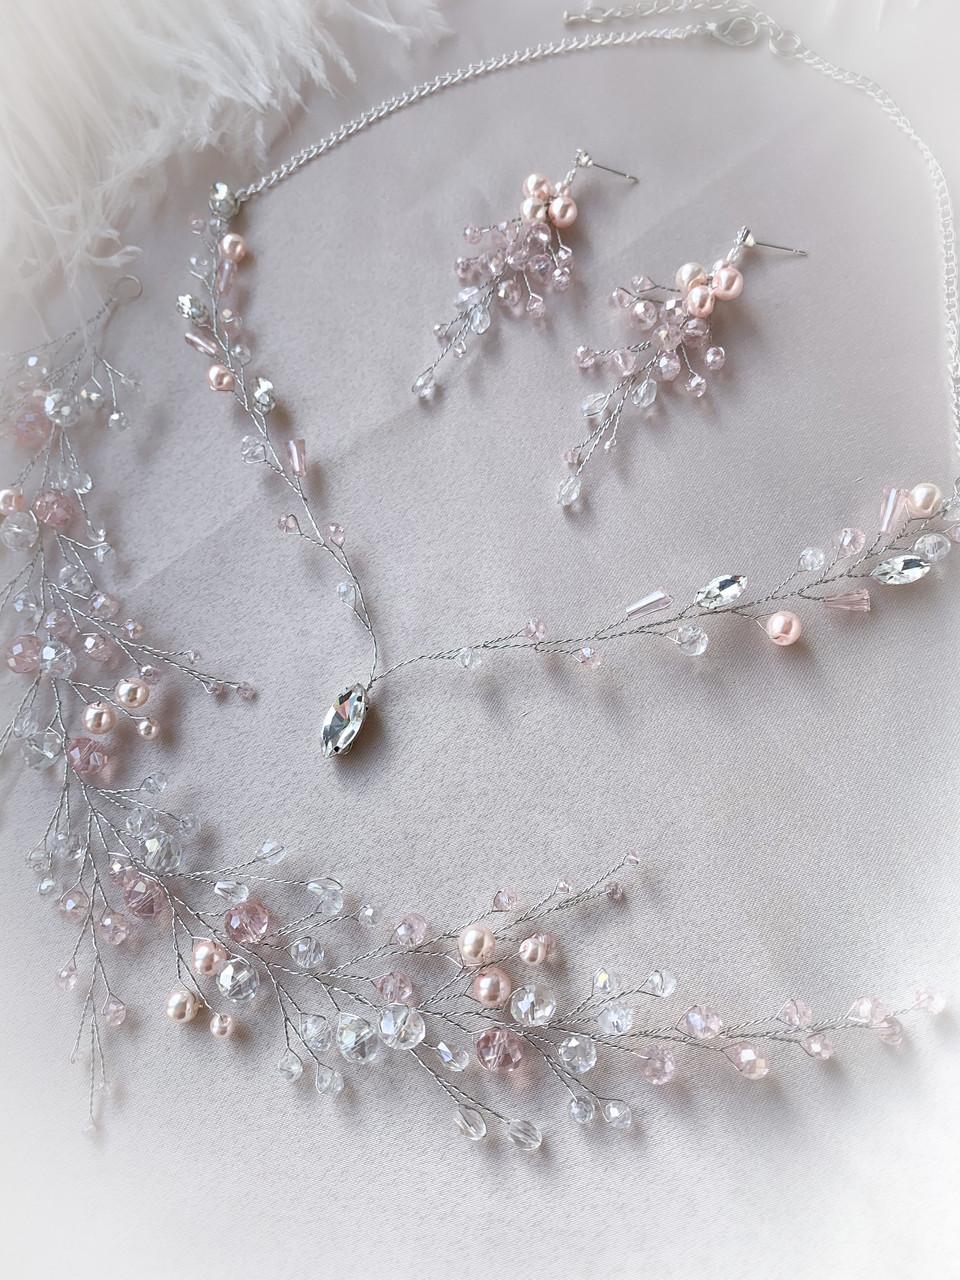 Нежный набор в пудровом цвете, веточка в прическу, серьги, колье